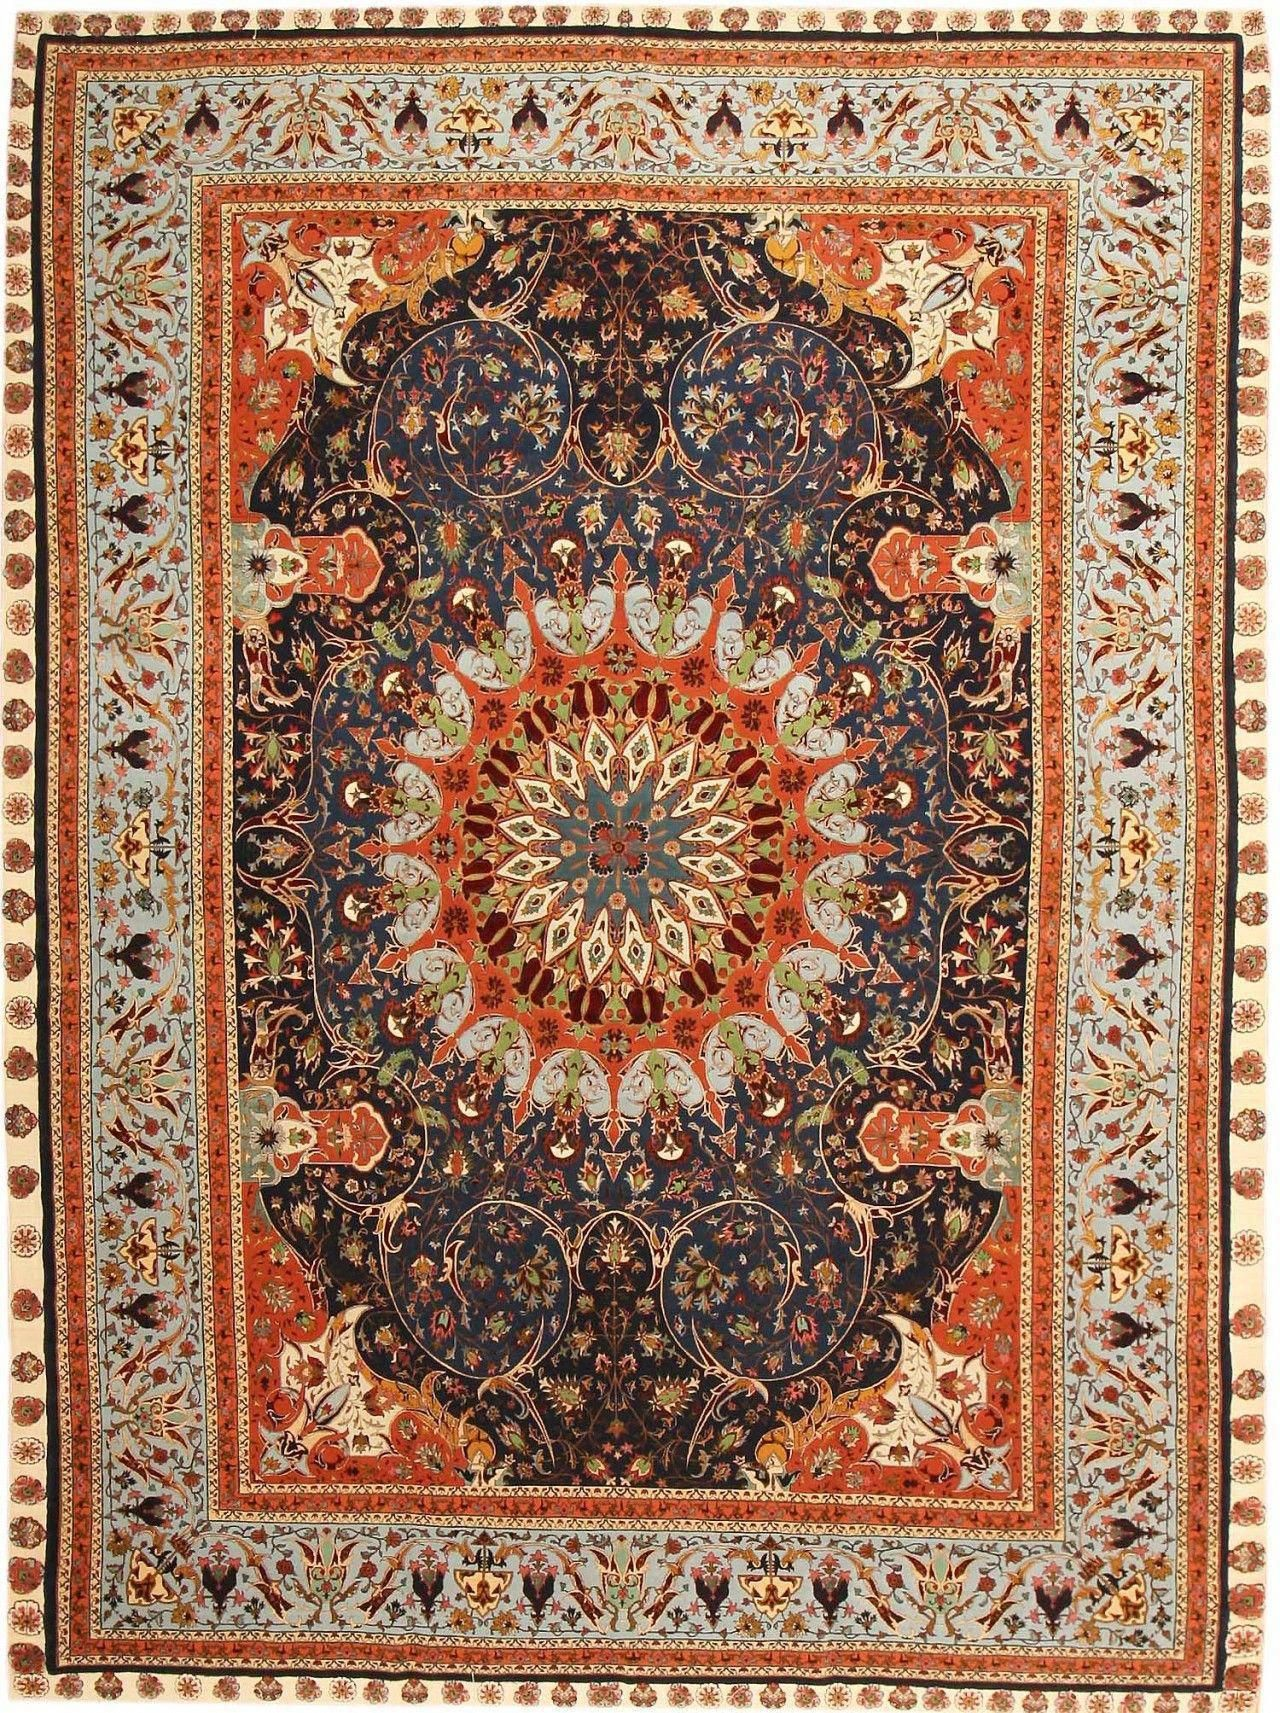 Carpet Runner 90 Degree Turn Id 6840655572 In 2020 Persian Carpet Antique Persian Rug Persian Rug